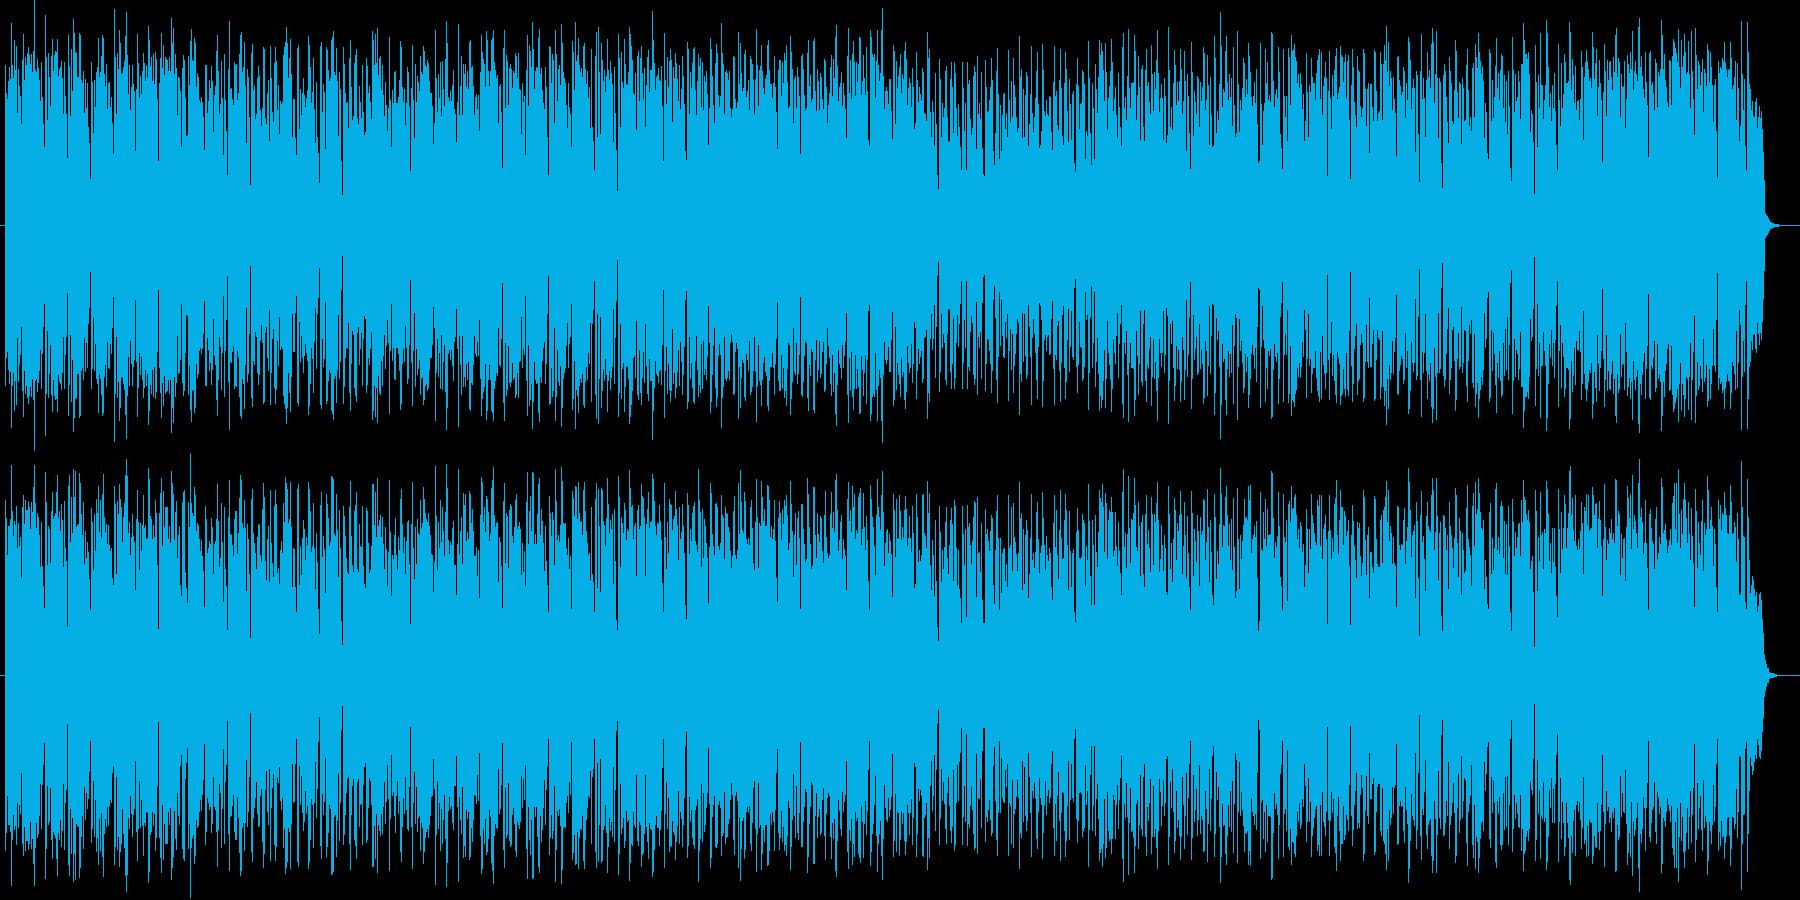 コミカルで落ち着き感があるシンセの曲の再生済みの波形